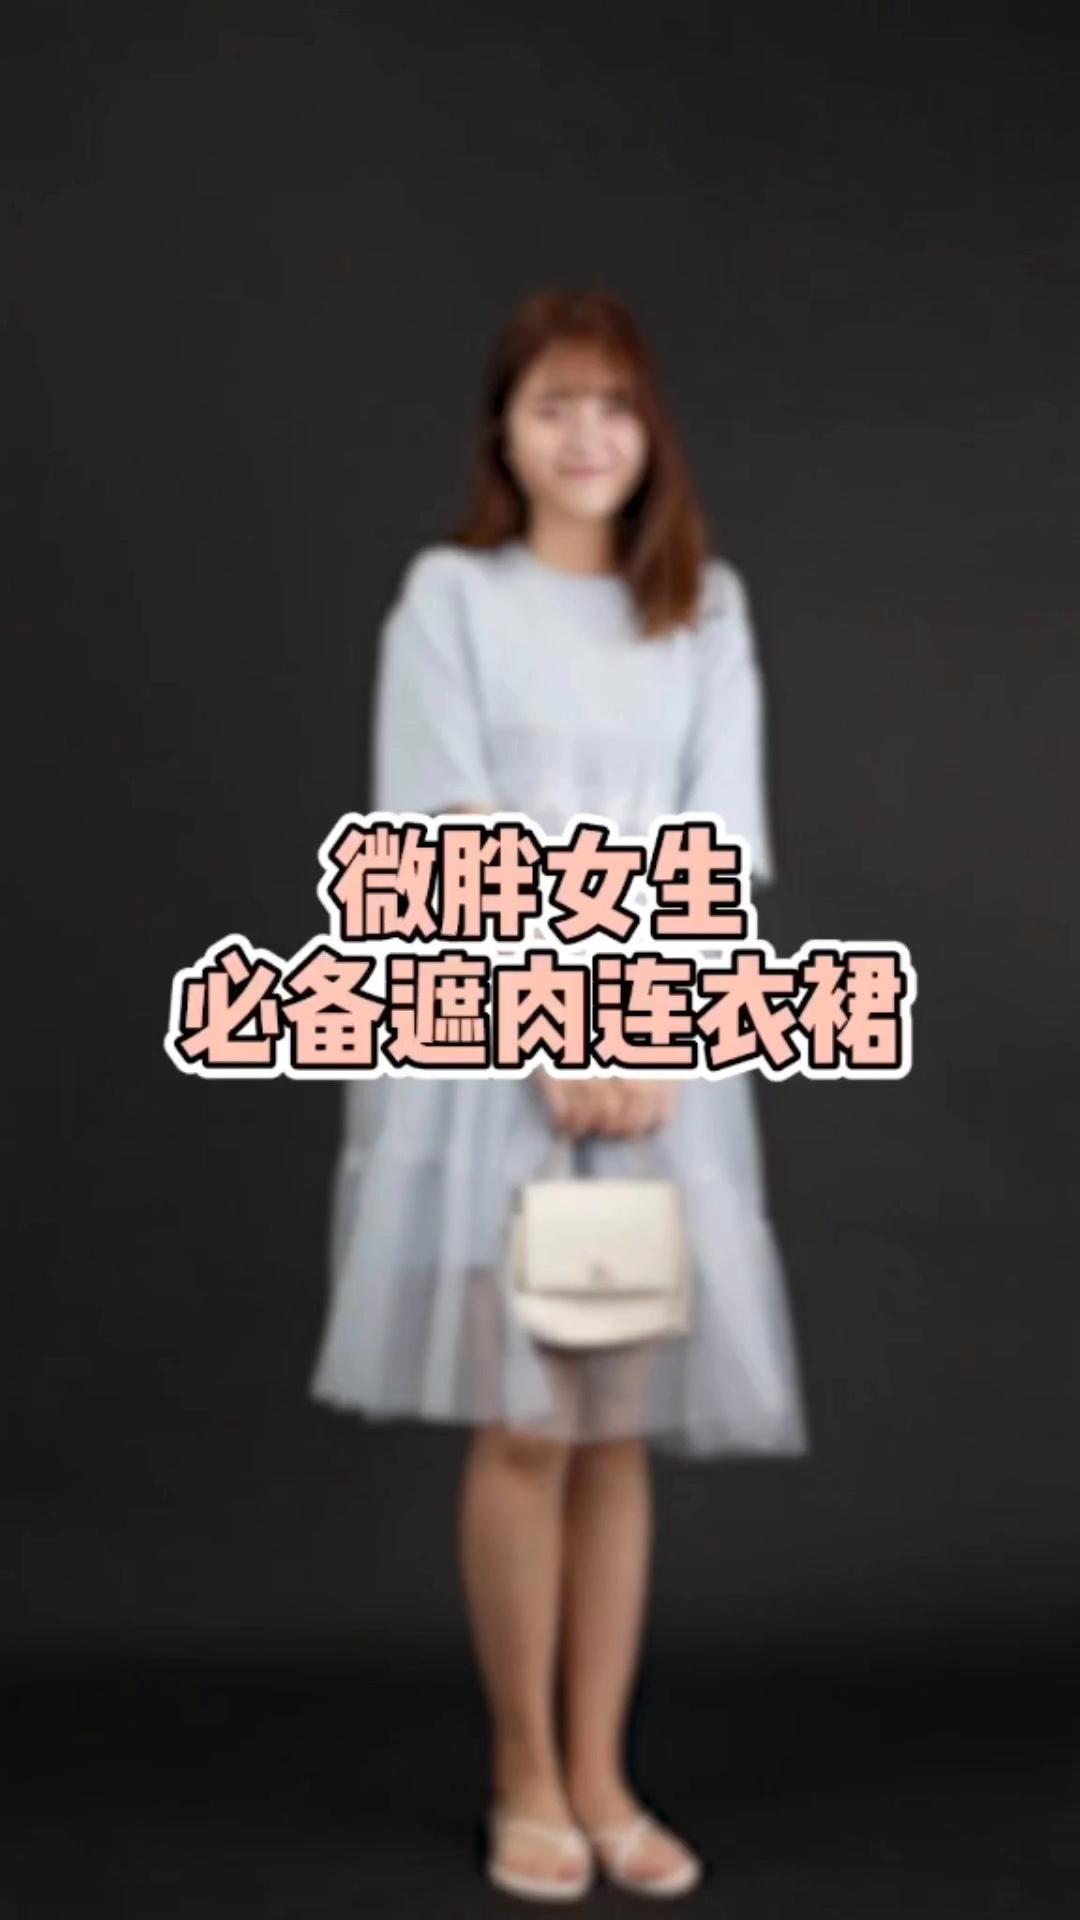 我不胖,我只是美得有点膨胀😄#炎夏宜恋爱,穿衣宜裙纸~#